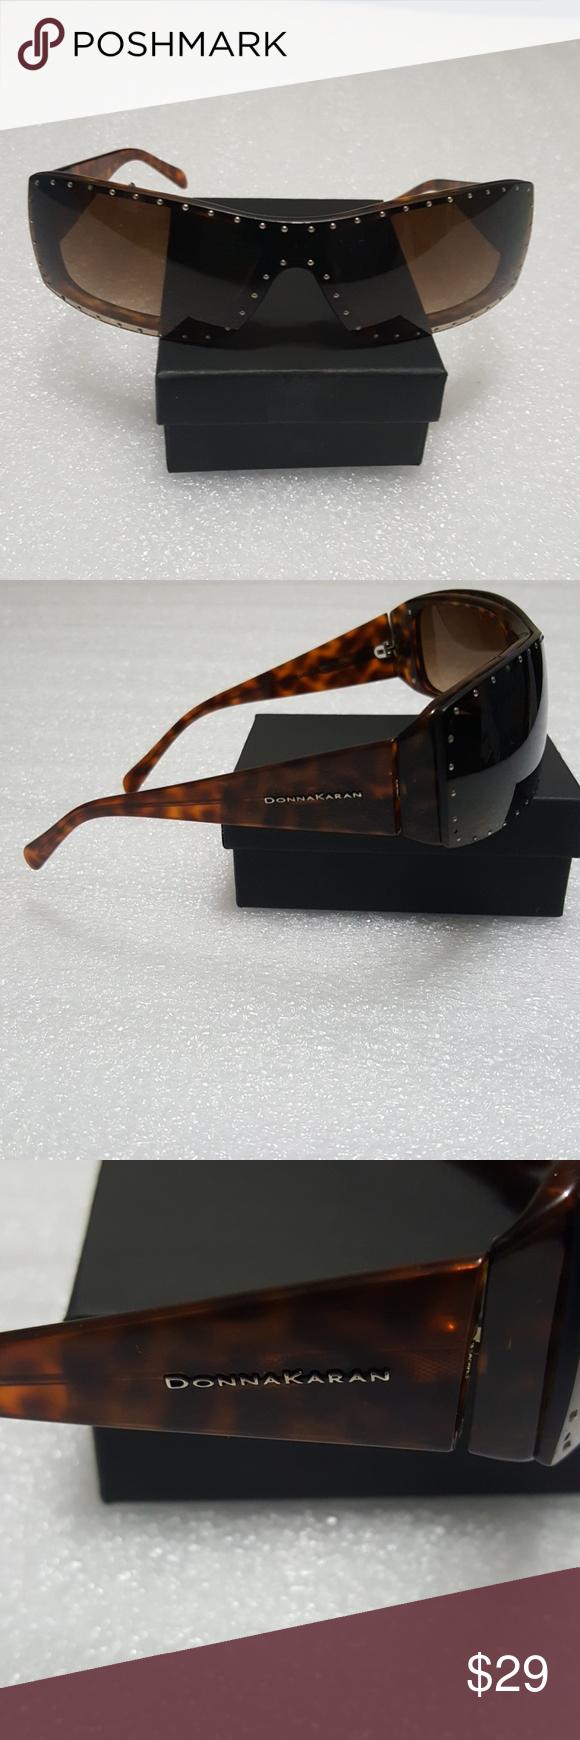 e5e219023e42 ♨️DONNA KARAN♨ Womens sun glasses Donna karan womens sunglasses pre-owner